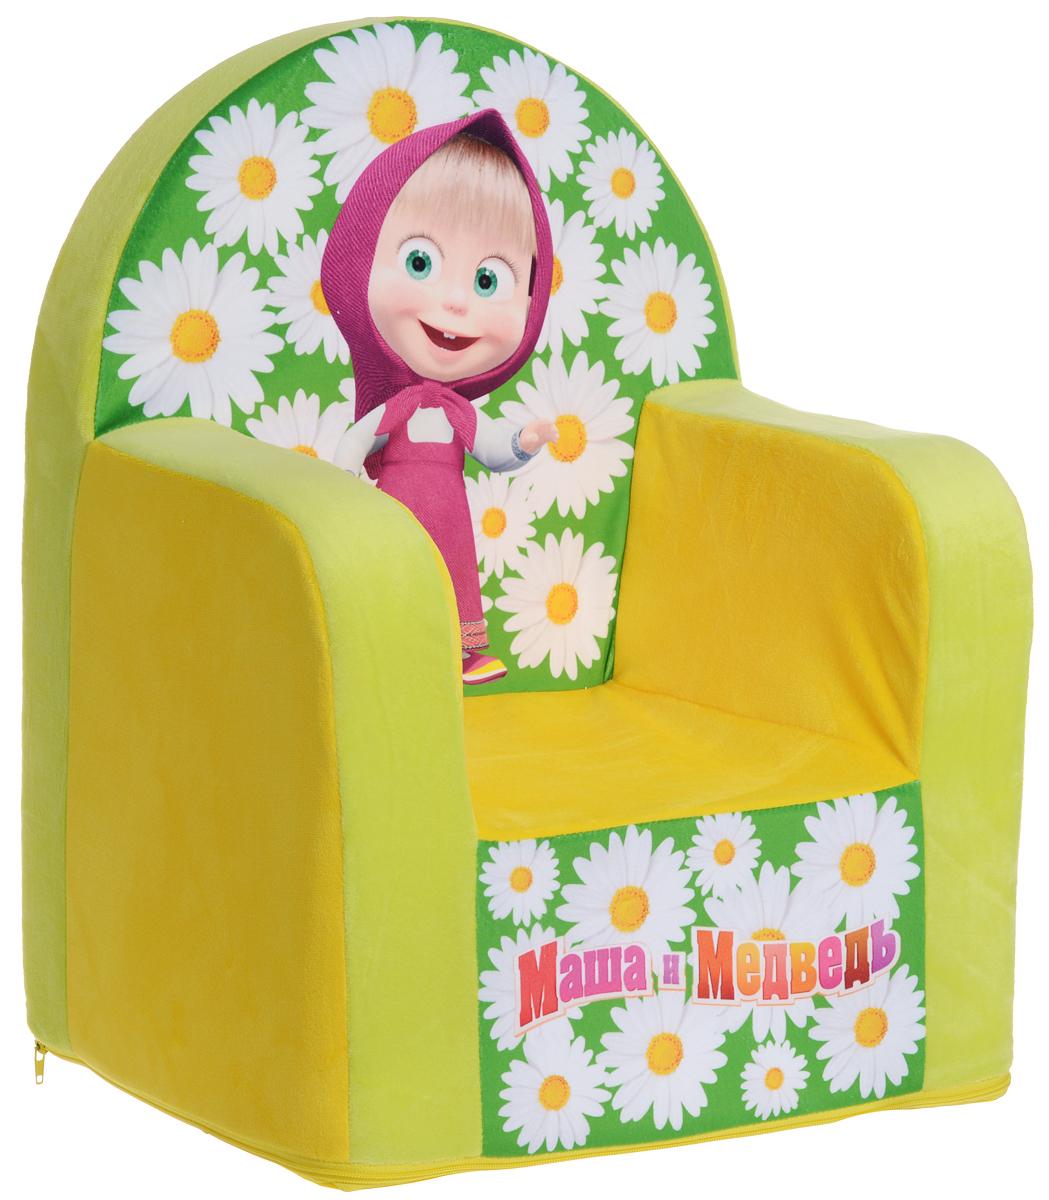 СмолТойс Мягкая игрушка Кресло Маша и Медведь цвет желтый 54 см